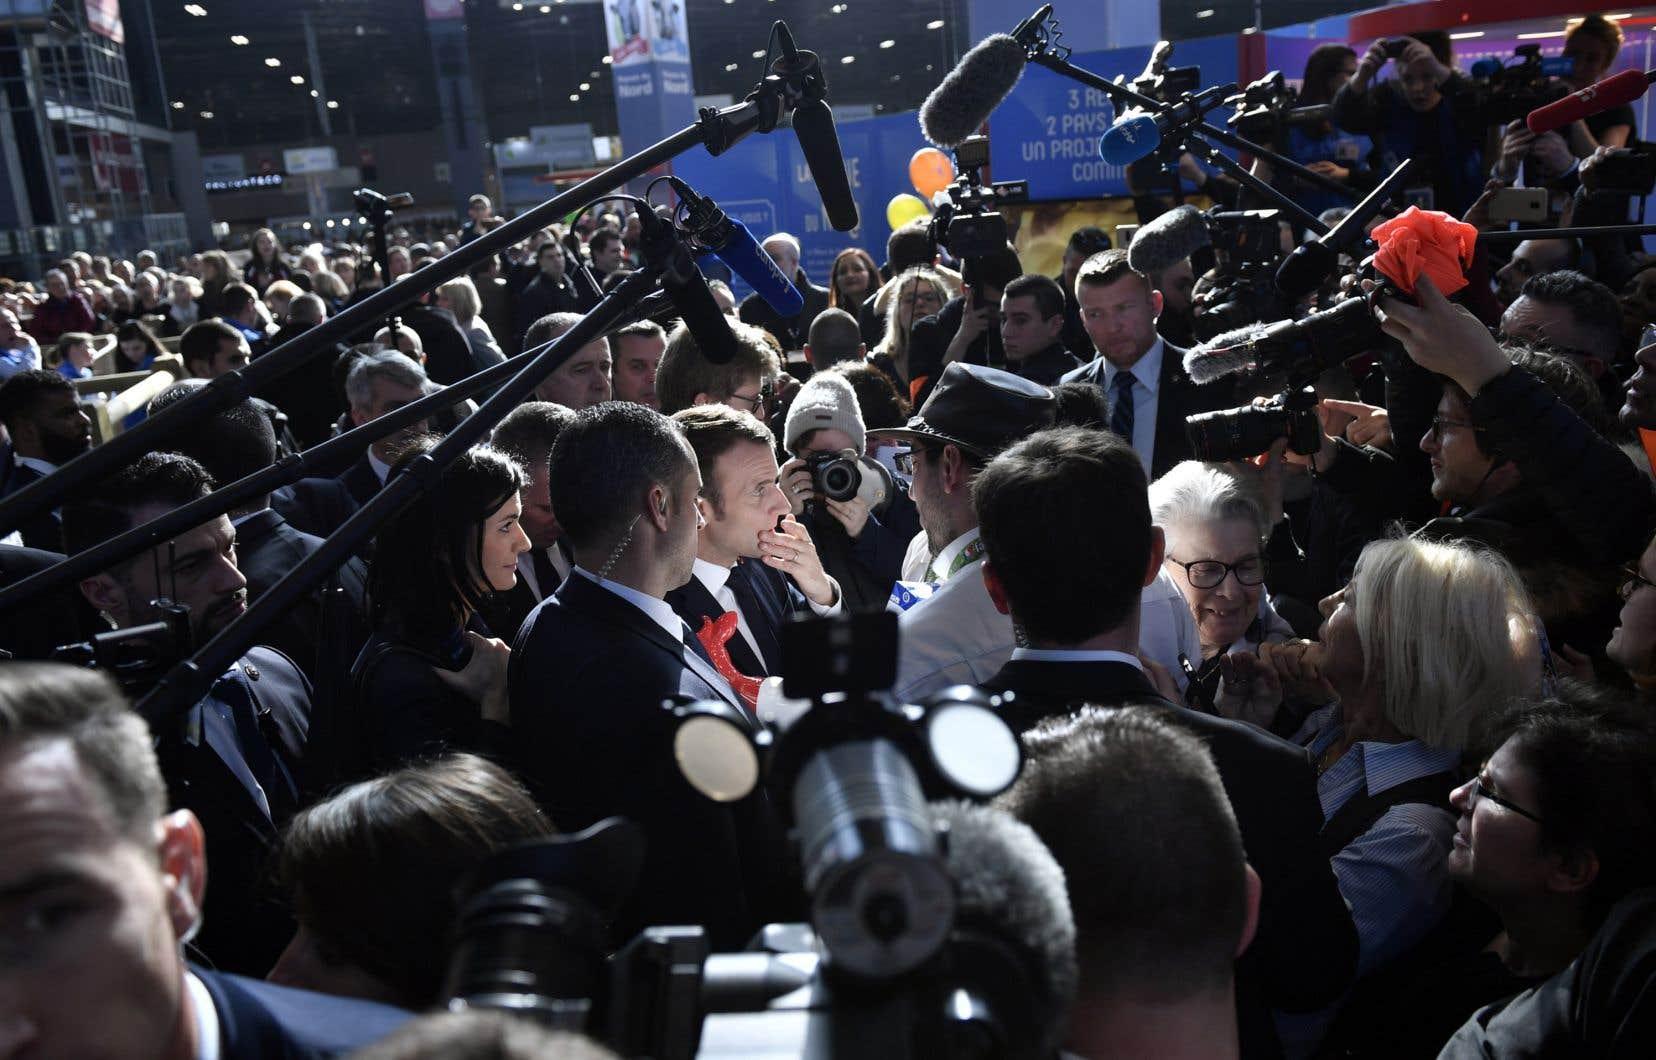 Mercredi, le nombre de journalistes convoqués par les services secrets pour des affaires touchant de près le régime du président Emmanuel Macron est passé à huit.